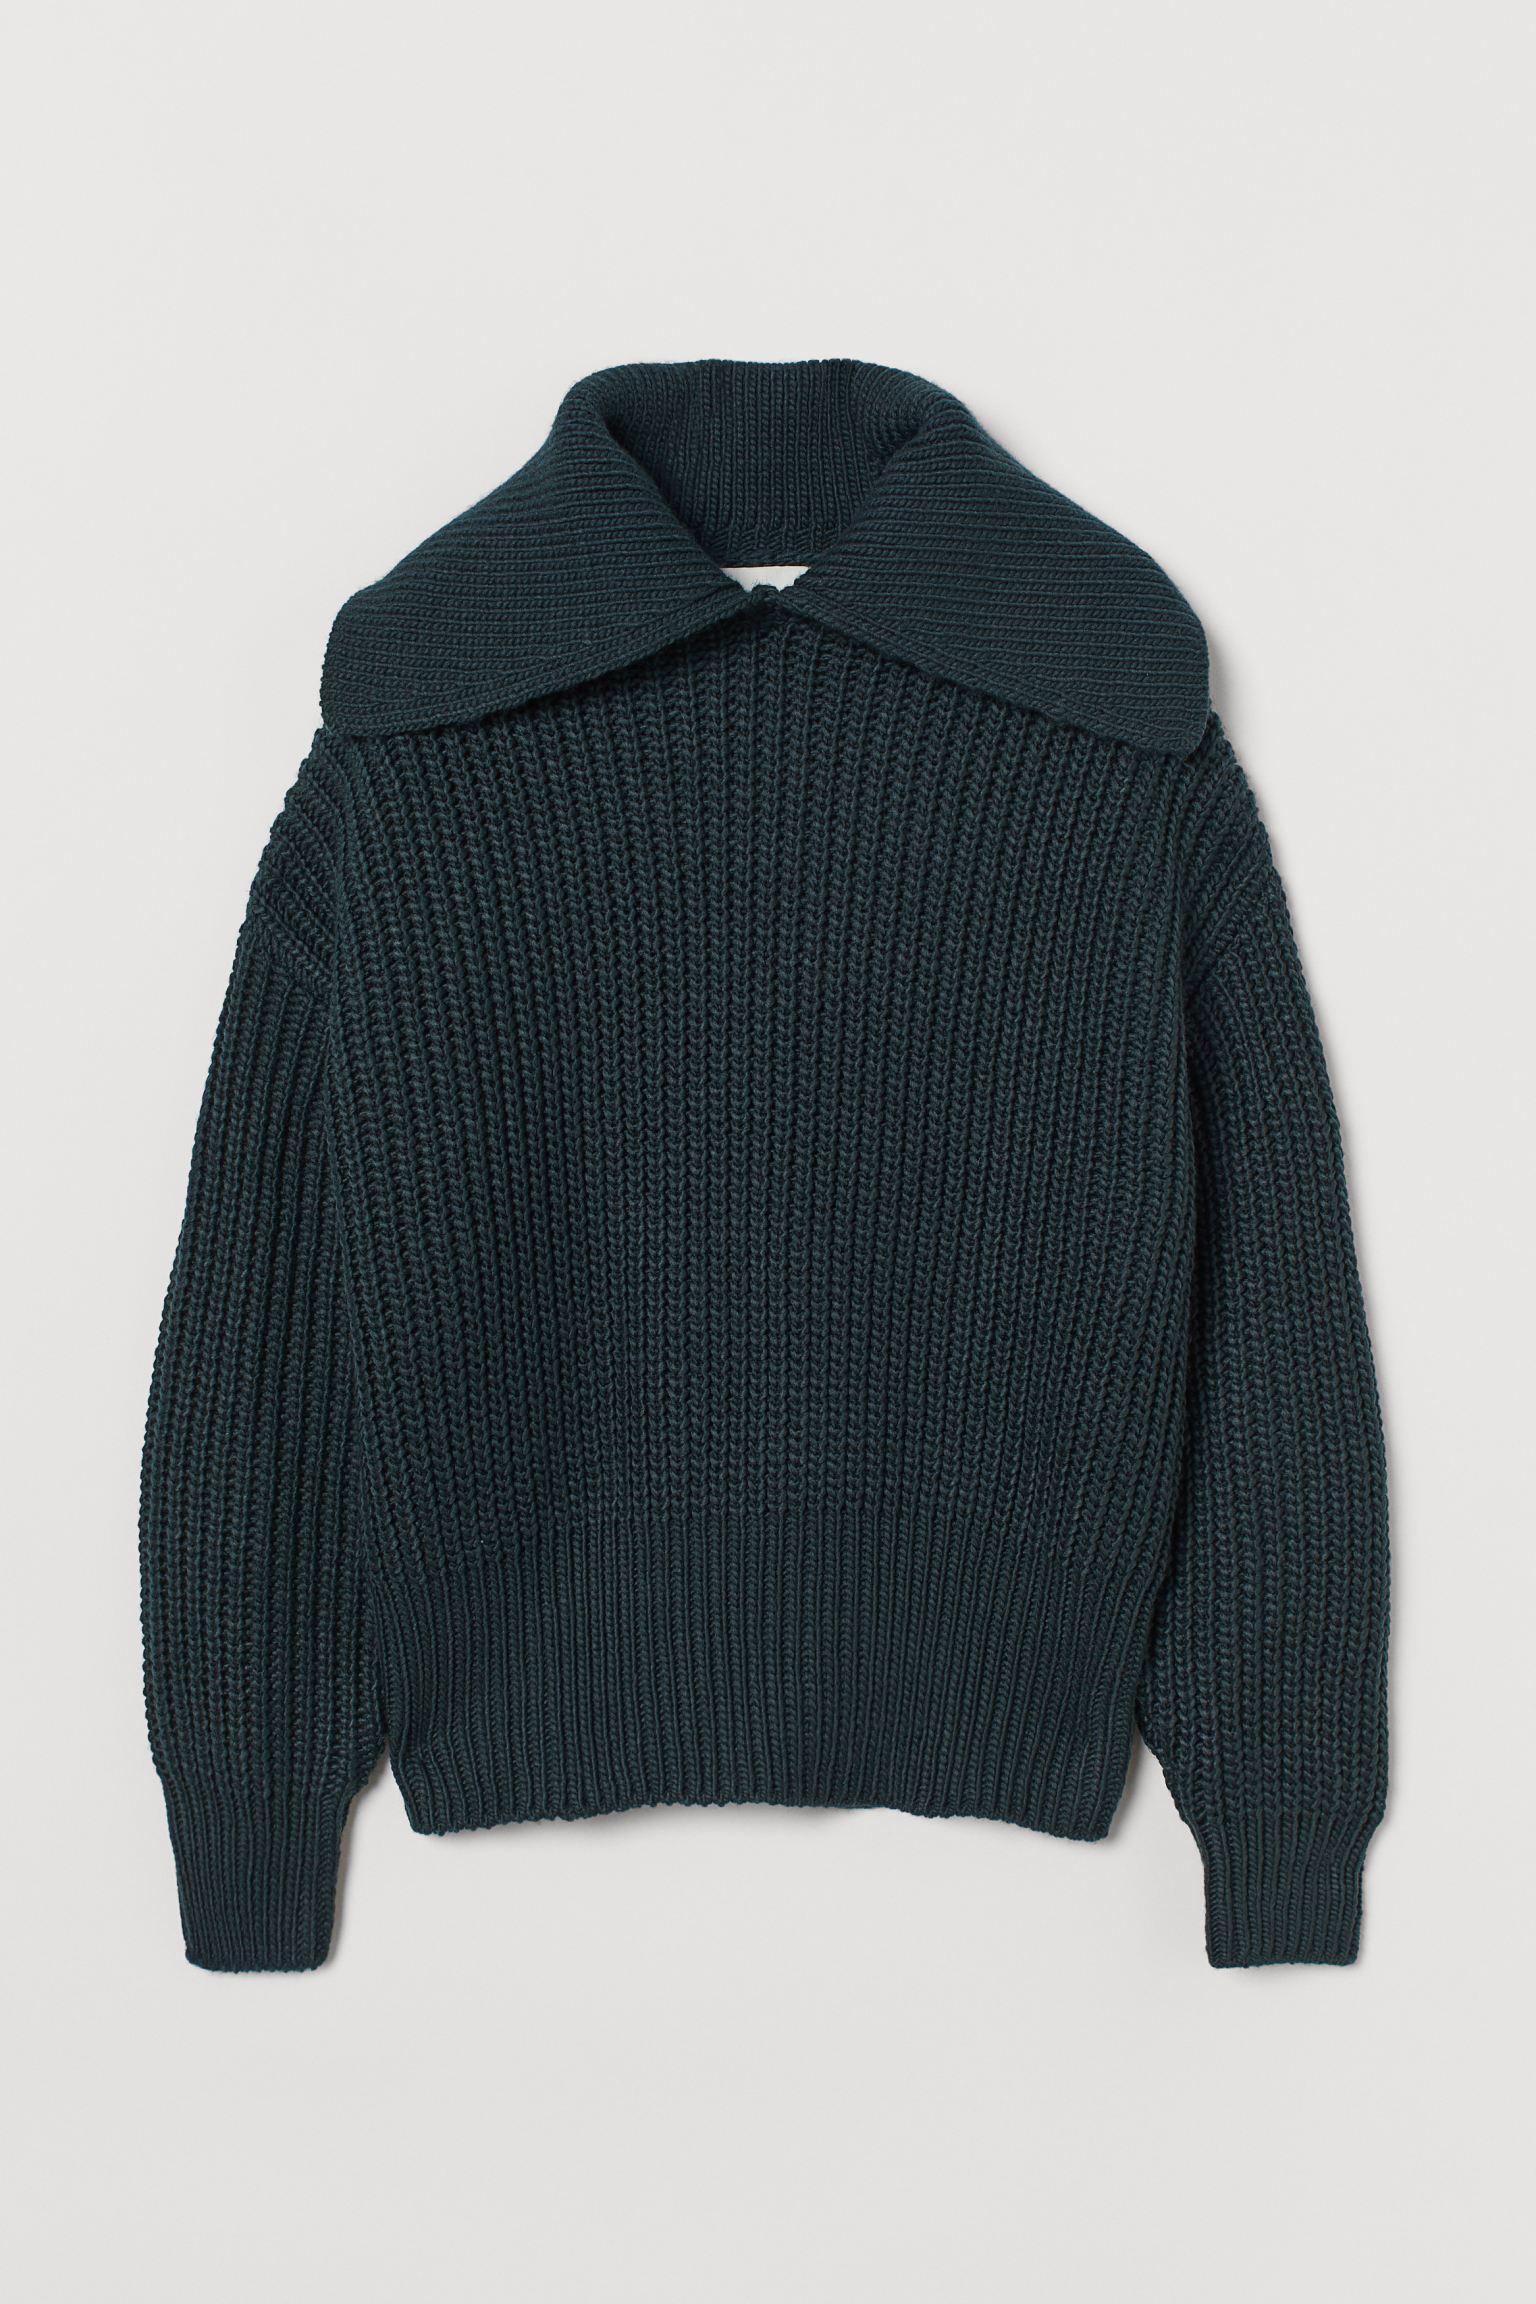 Jersey boxy en punto fino suave con lana en la trama. Modelo de corte relajado con cuello amplio, hombros caídos y remate de canalé en puños y bajo. Confeccionado con poliéster reciclado.